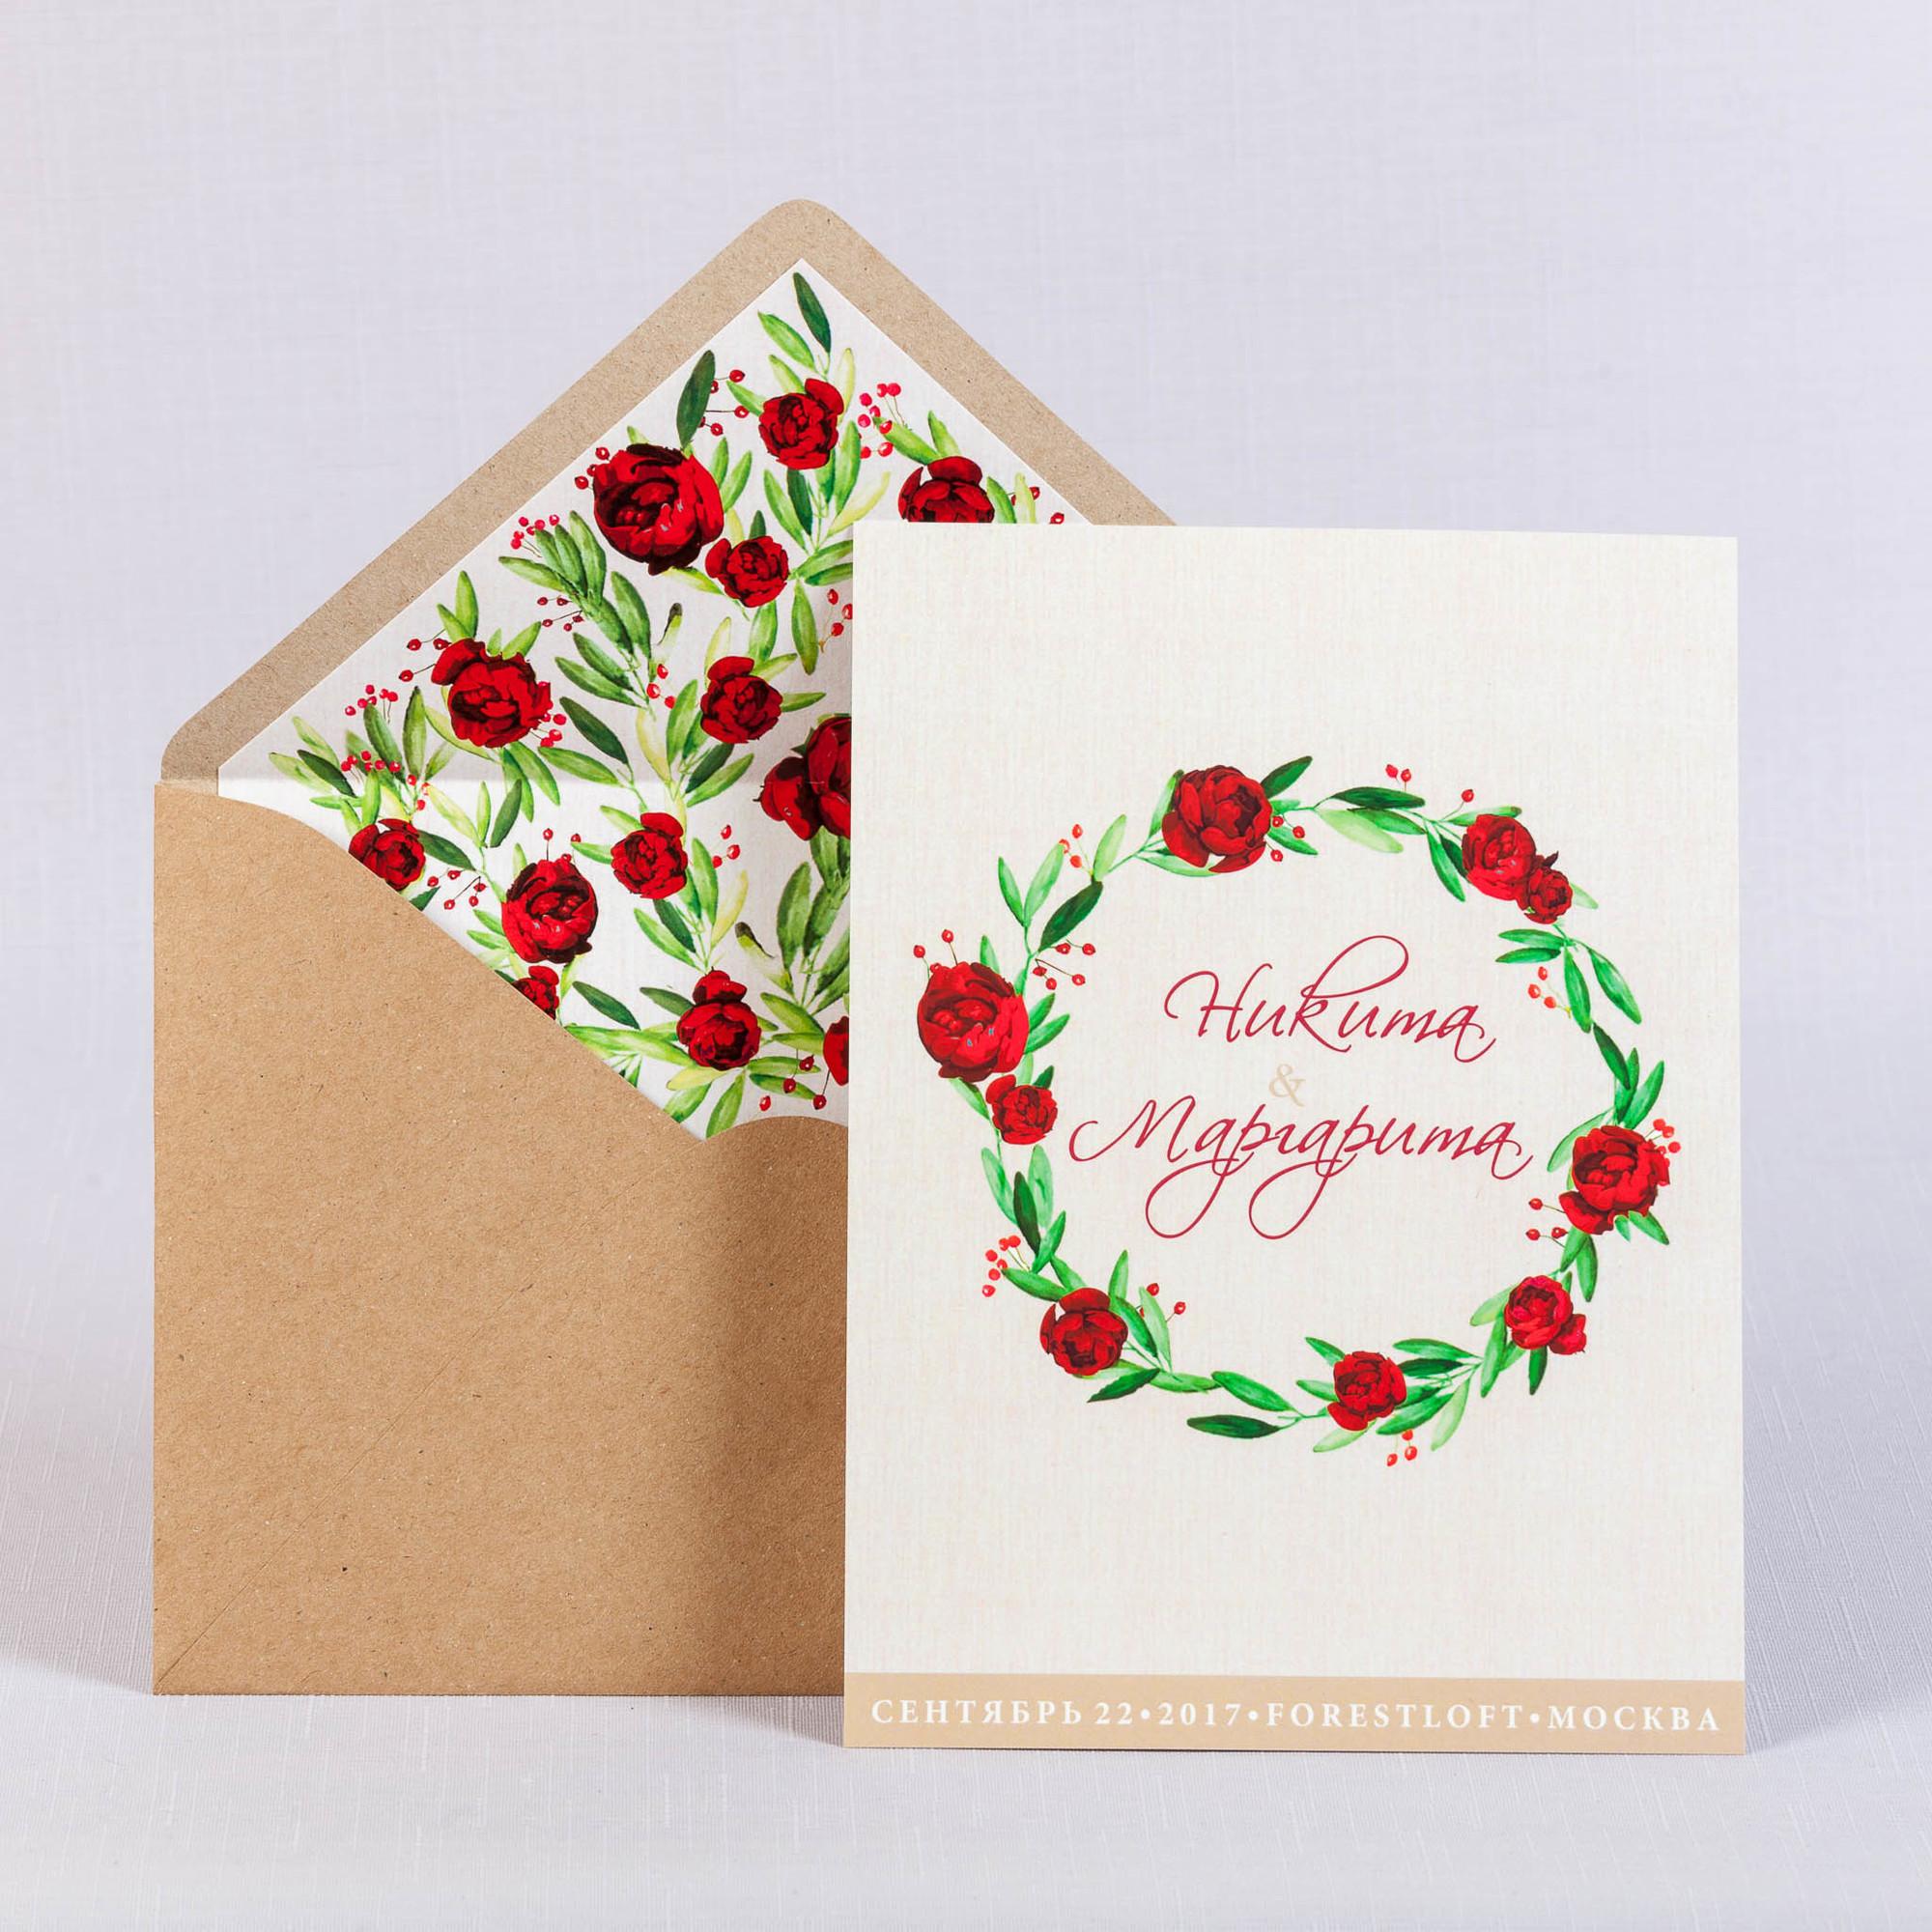 Приглашение на свадьбу в конверте с треугольным клапаном